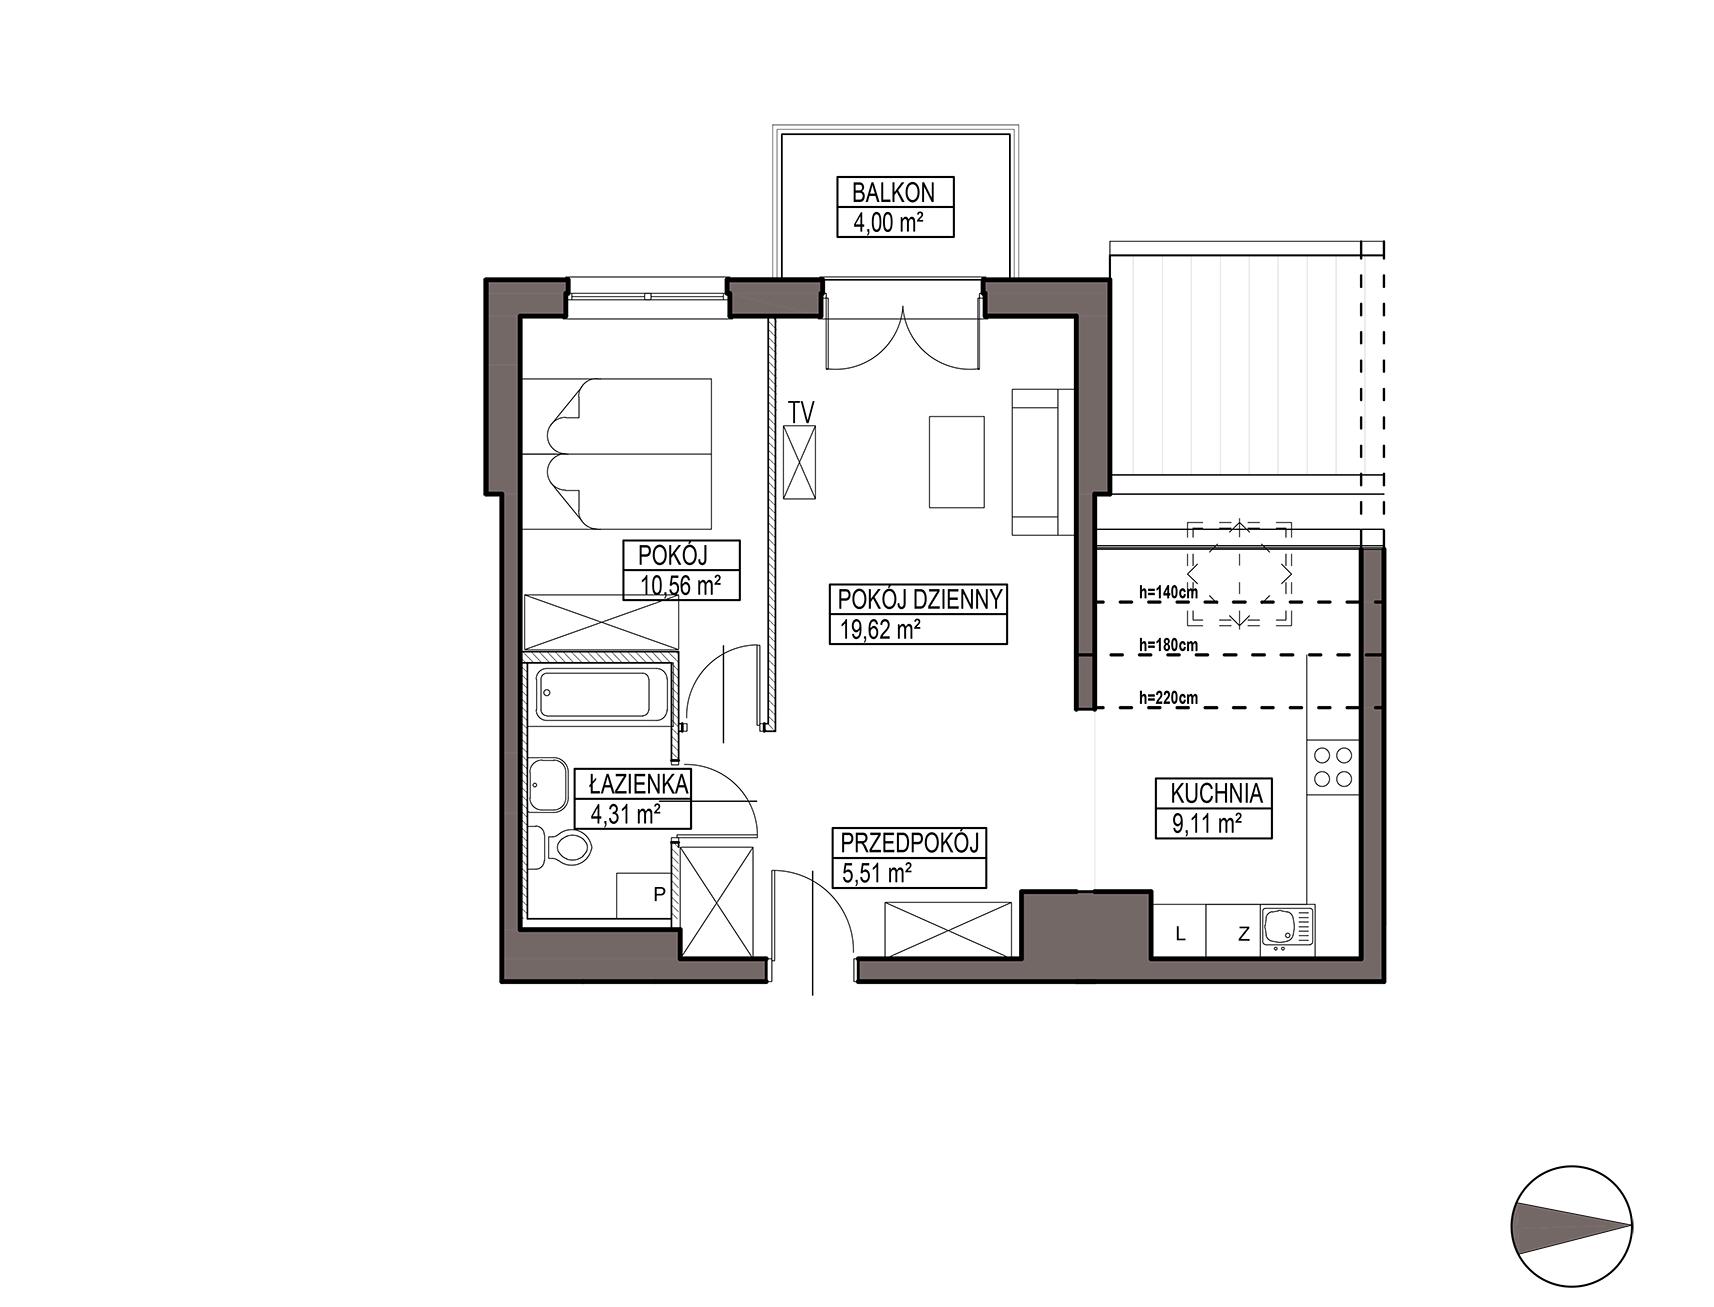 Uroczysko III / budynek 5 / mieszkanie G/3/48 rzut 1